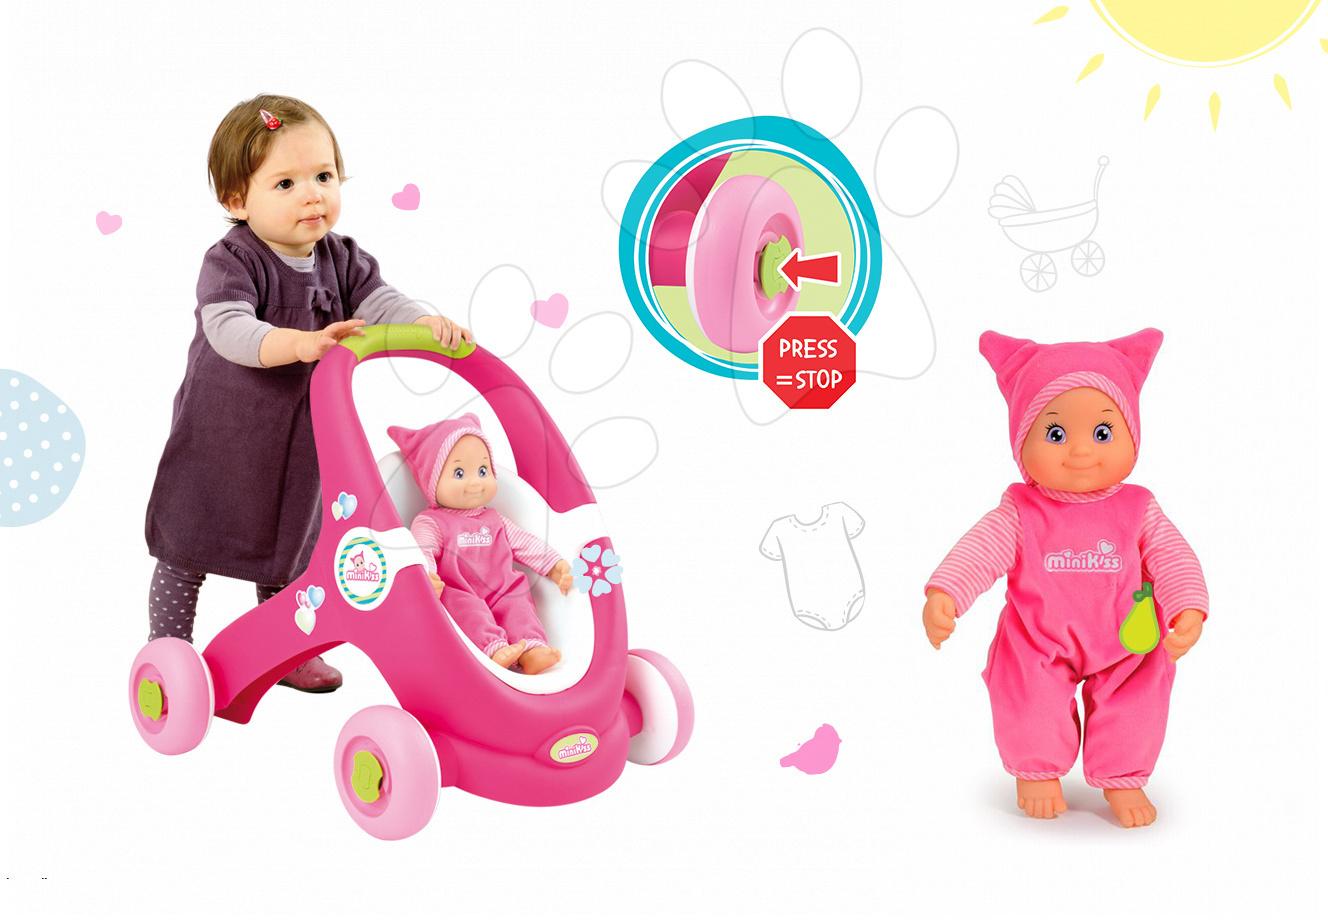 Set dětské chodítko a kočárek pro panenku 2v1 MiniKiss Smoby a panenka se zvukem MiniKiss v čepičce od 12 měsíců